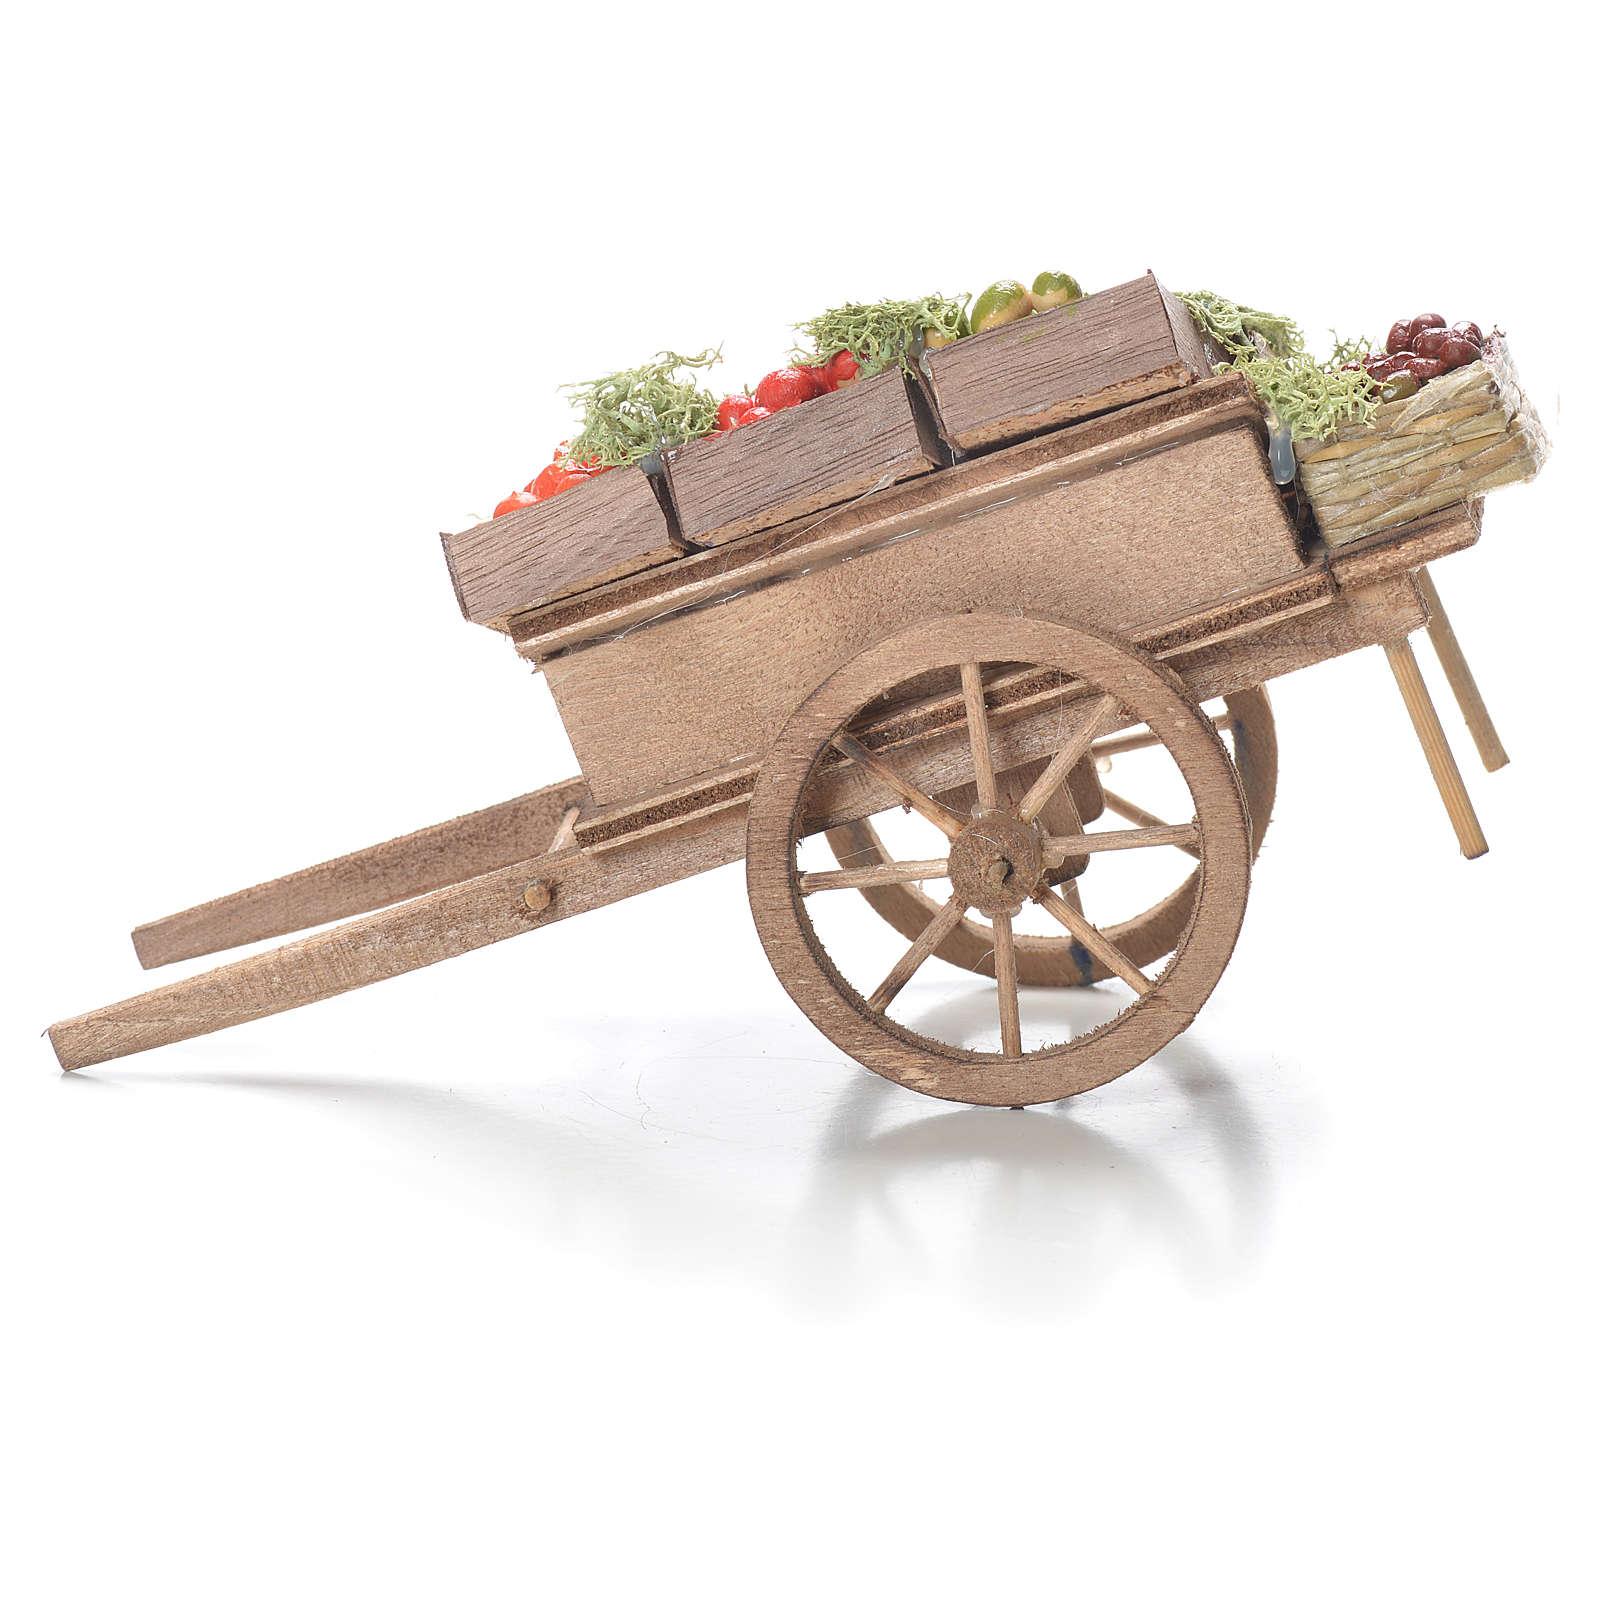 Carreta con cajas de fruta belén napolitano 10x18x8 cm 4